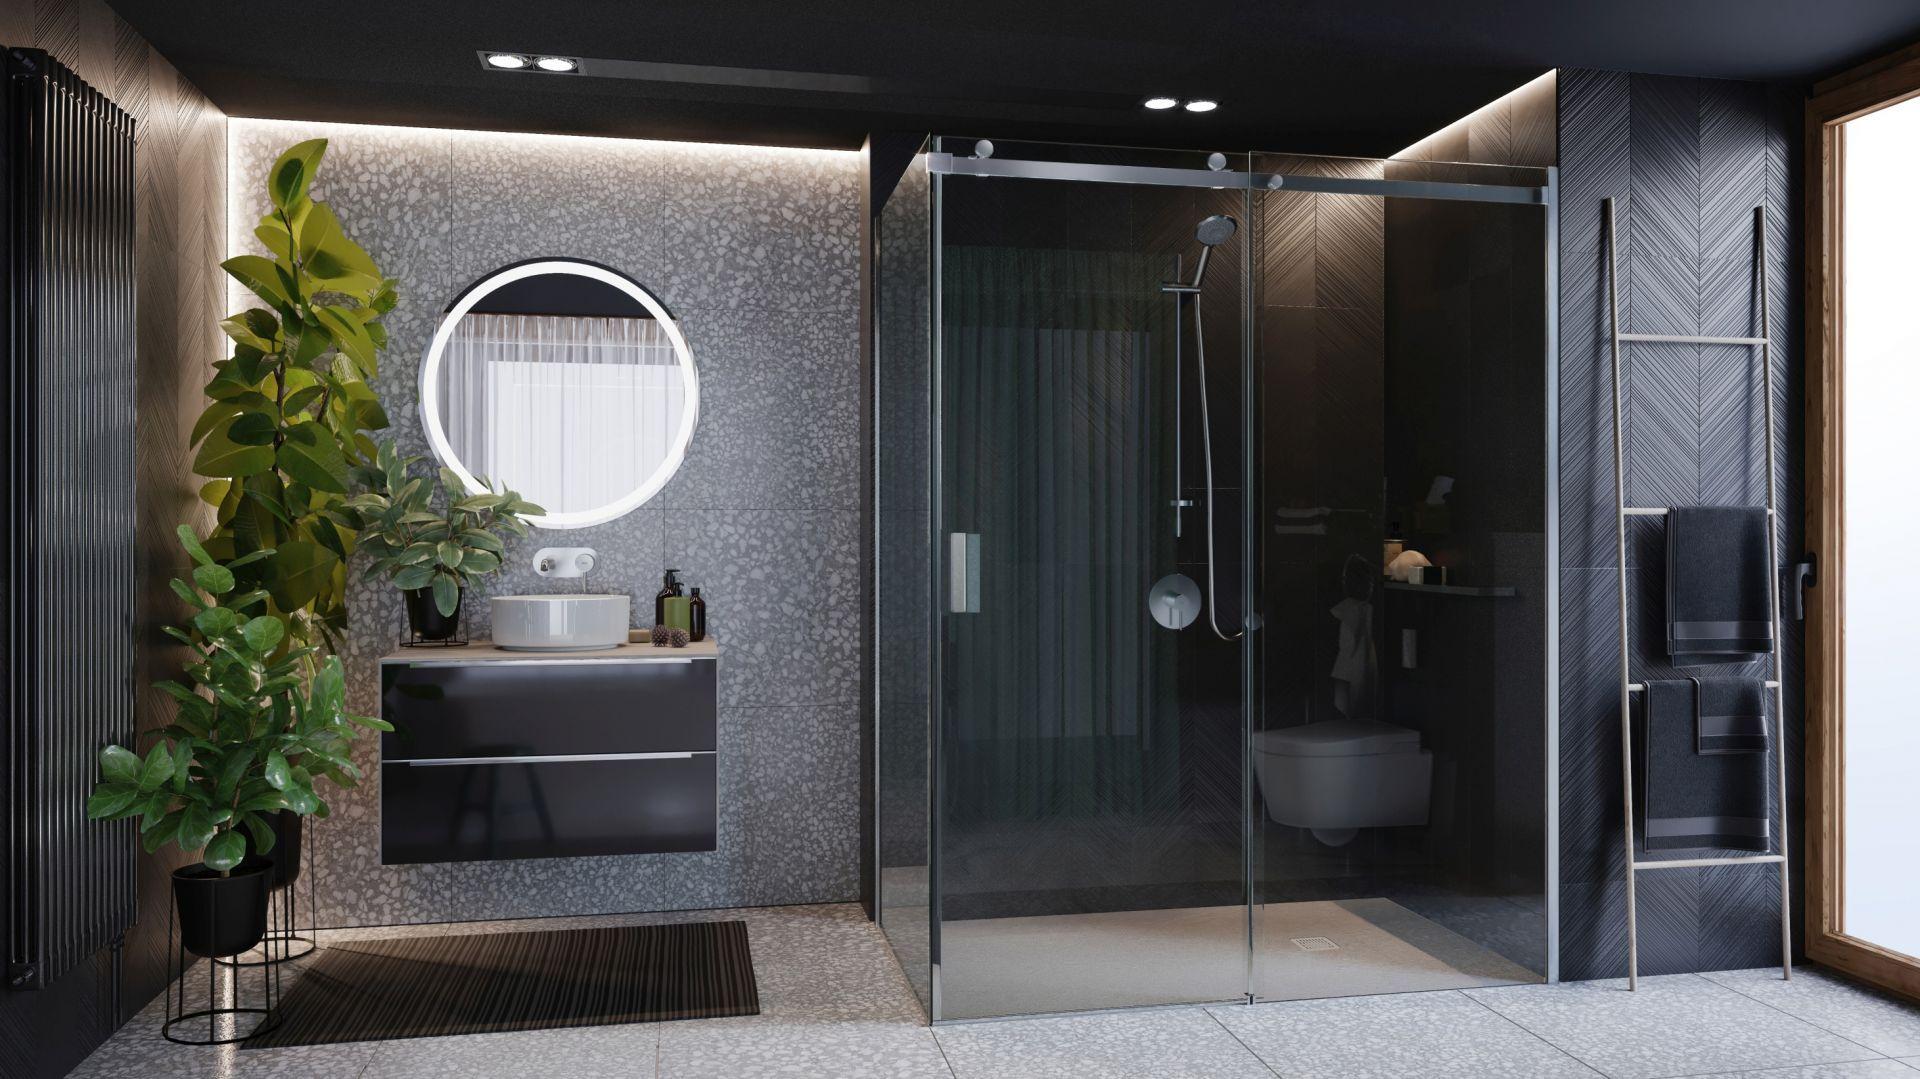 Kabina prysznicowa Area składa się z szyb prysznicowych ze szlachetnego szkła z minimalistycznymi profilami i eleganckimi, metalowymi uchwytami. Dostępna w ofercie firmy Roca. Cena: ok. 1.600 zł. Fot. Roca